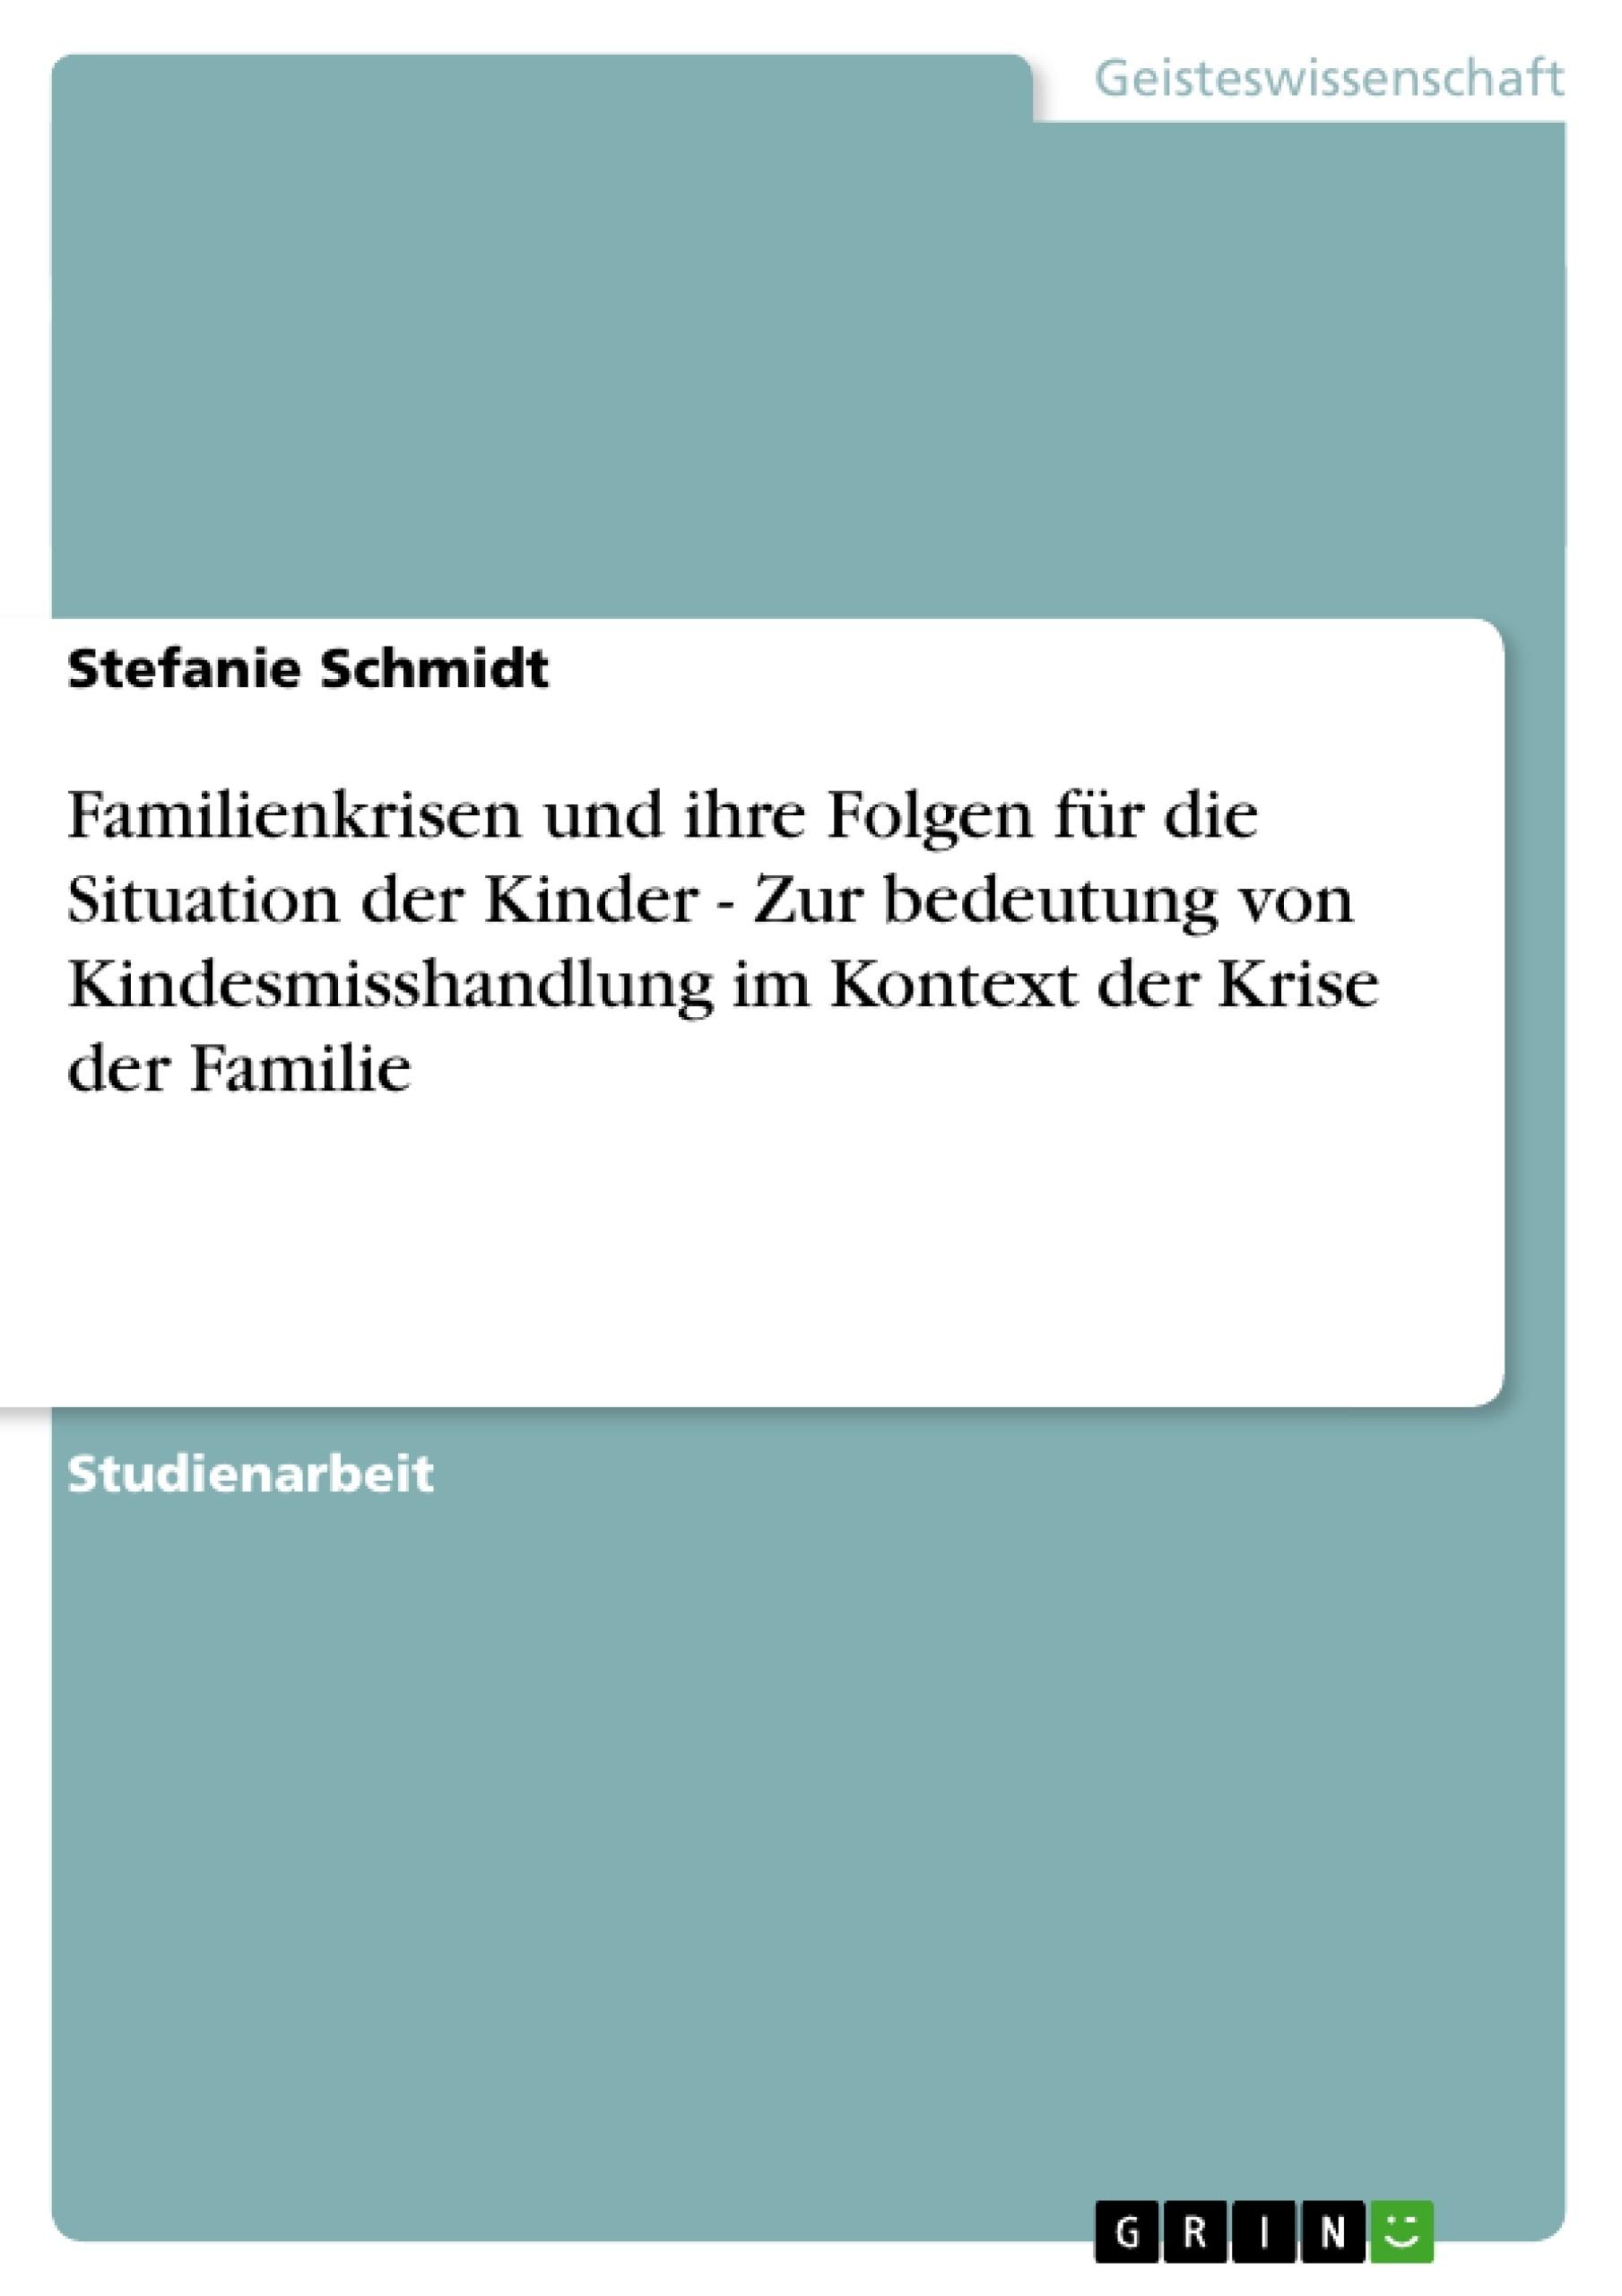 Titel: Familienkrisen und ihre Folgen für die Situation der Kinder - Zur bedeutung von Kindesmisshandlung im Kontext der Krise der Familie